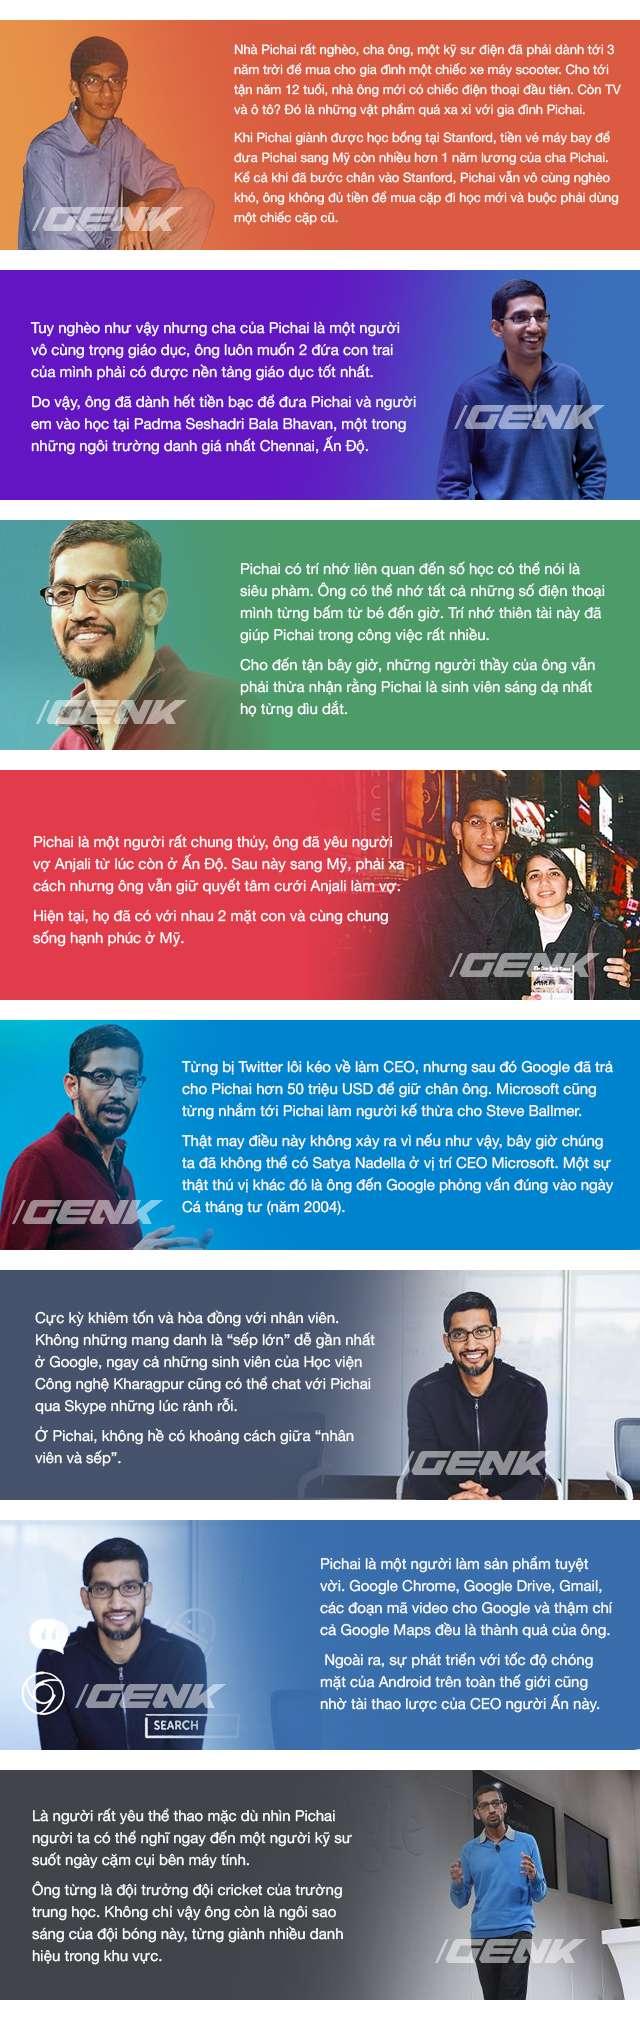 nhan vat sundar pichai 1 Chuyện bây giờ mới kể về bộ óc thiên tài của Google, Sundar Pichai